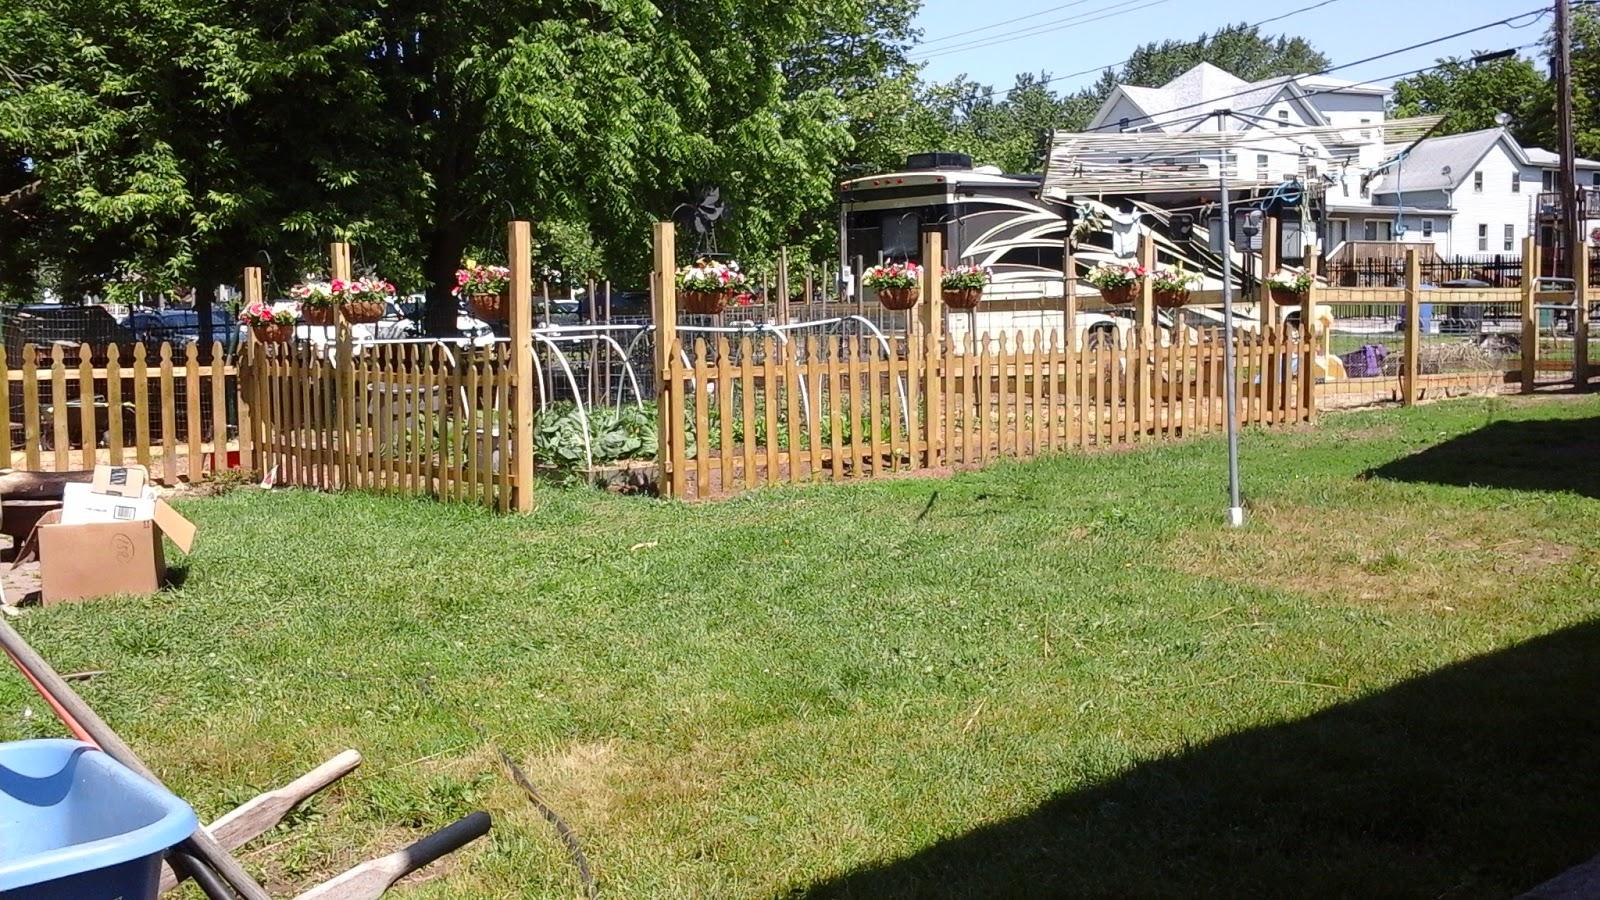 henny penny farm backyard farm photos of the